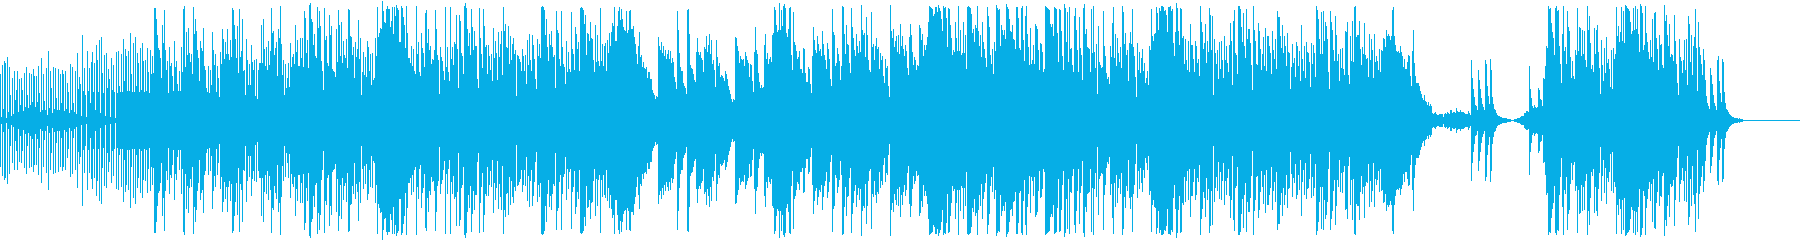 エレガントなピアノ&EDM風BGMの再生済みの波形